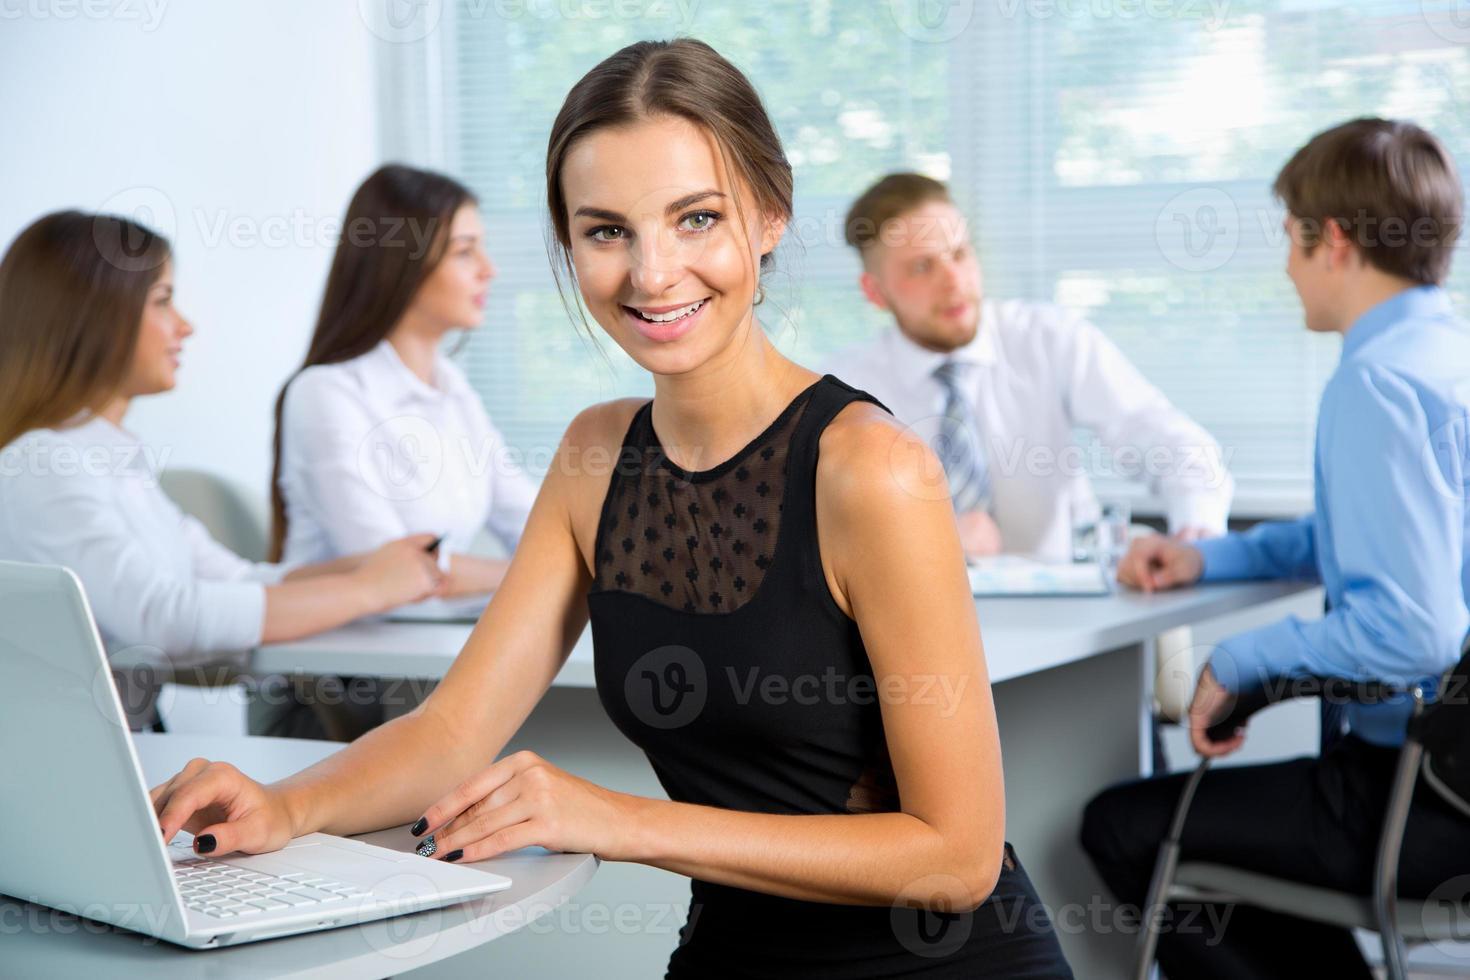 mensen uit het bedrijfsleven met zakenvrouw leider foto